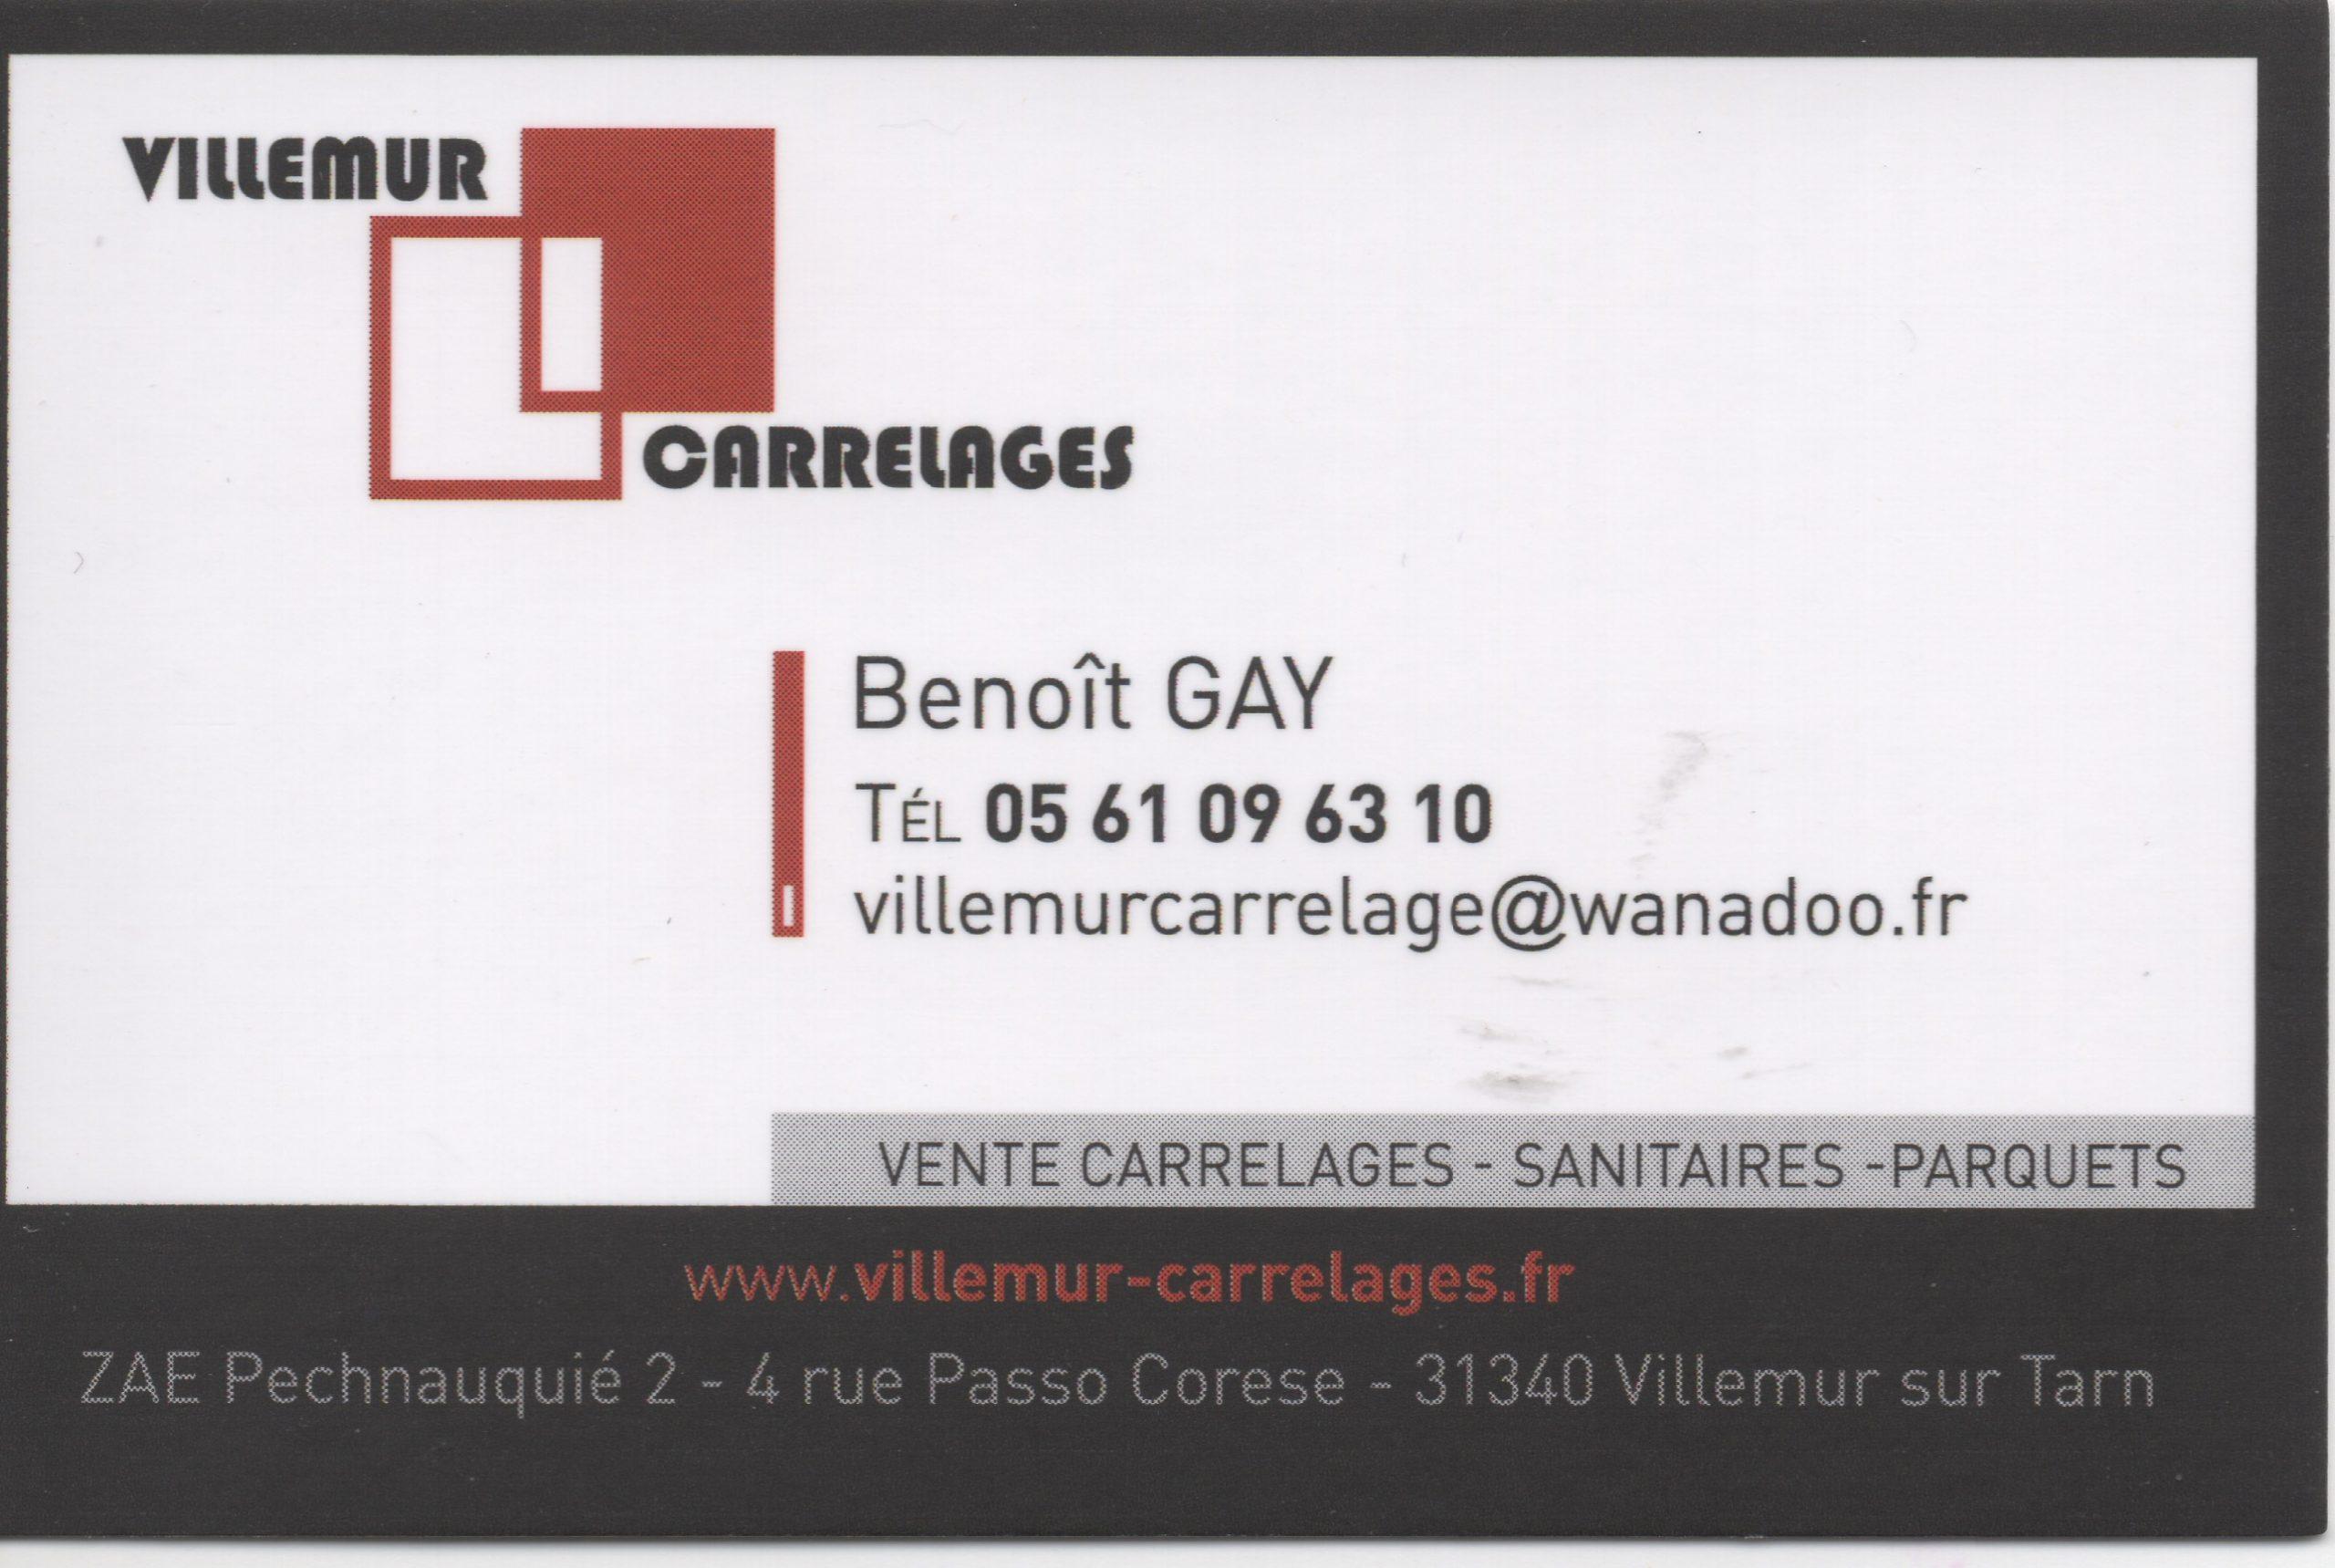 Villemur Carrelages